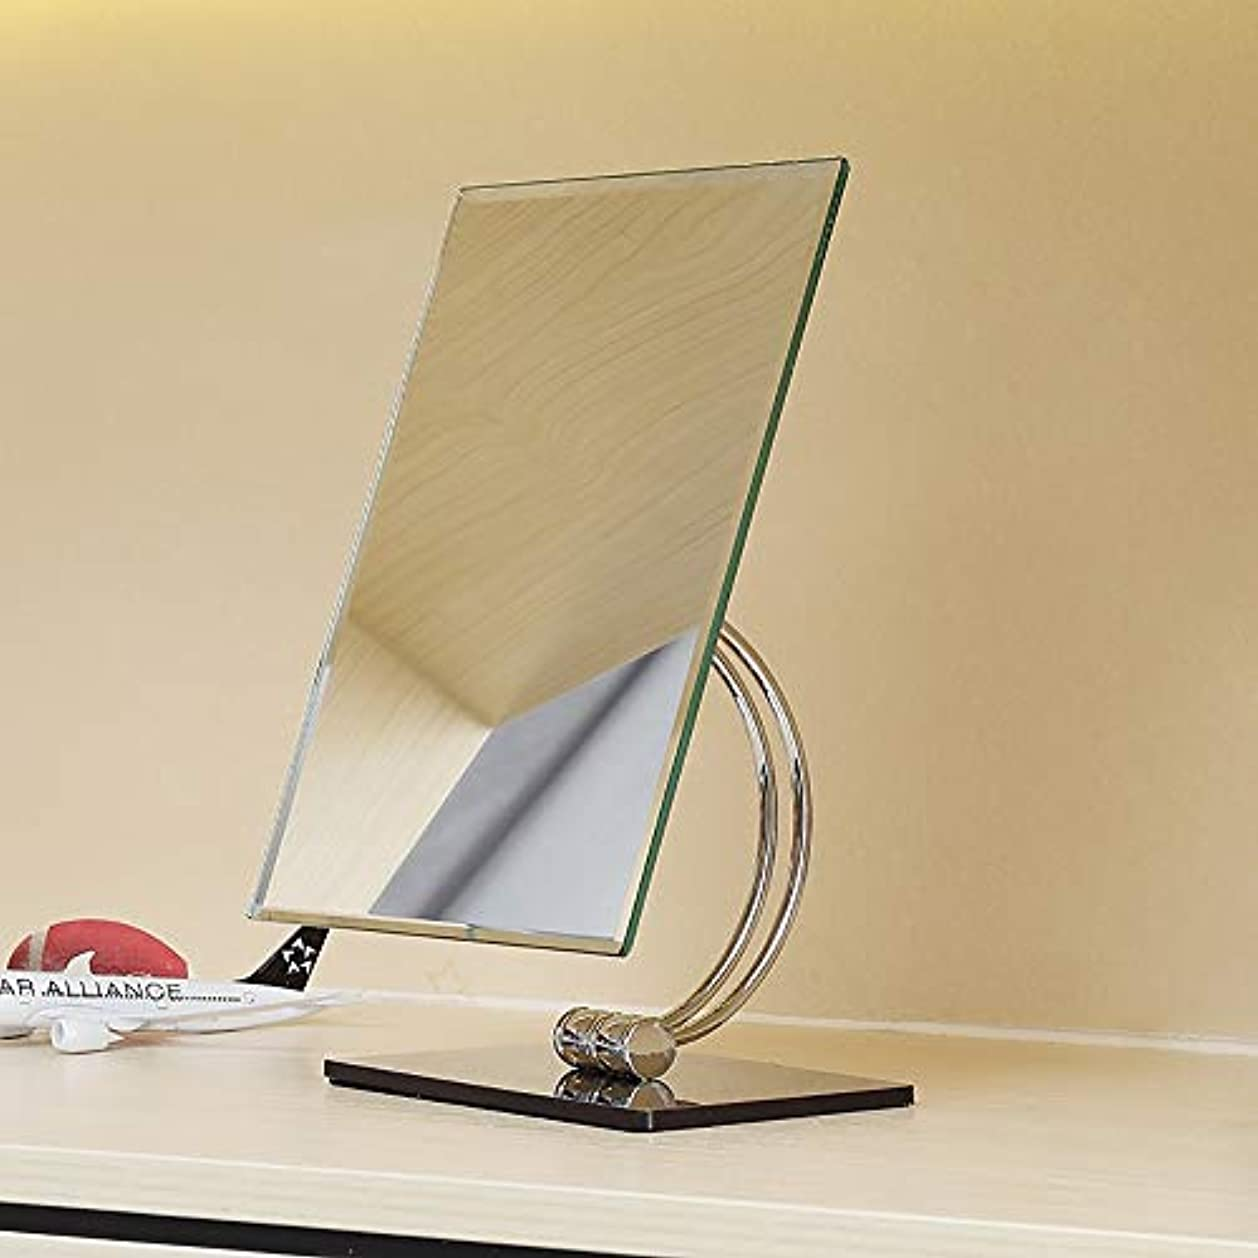 応援するベッツィトロットウッドれんが流行の スクエア片面HDステンレススチールシルバーミラー+ ABSプラスチックシェル化粧鏡ホームバニティミラーカウンターミラー